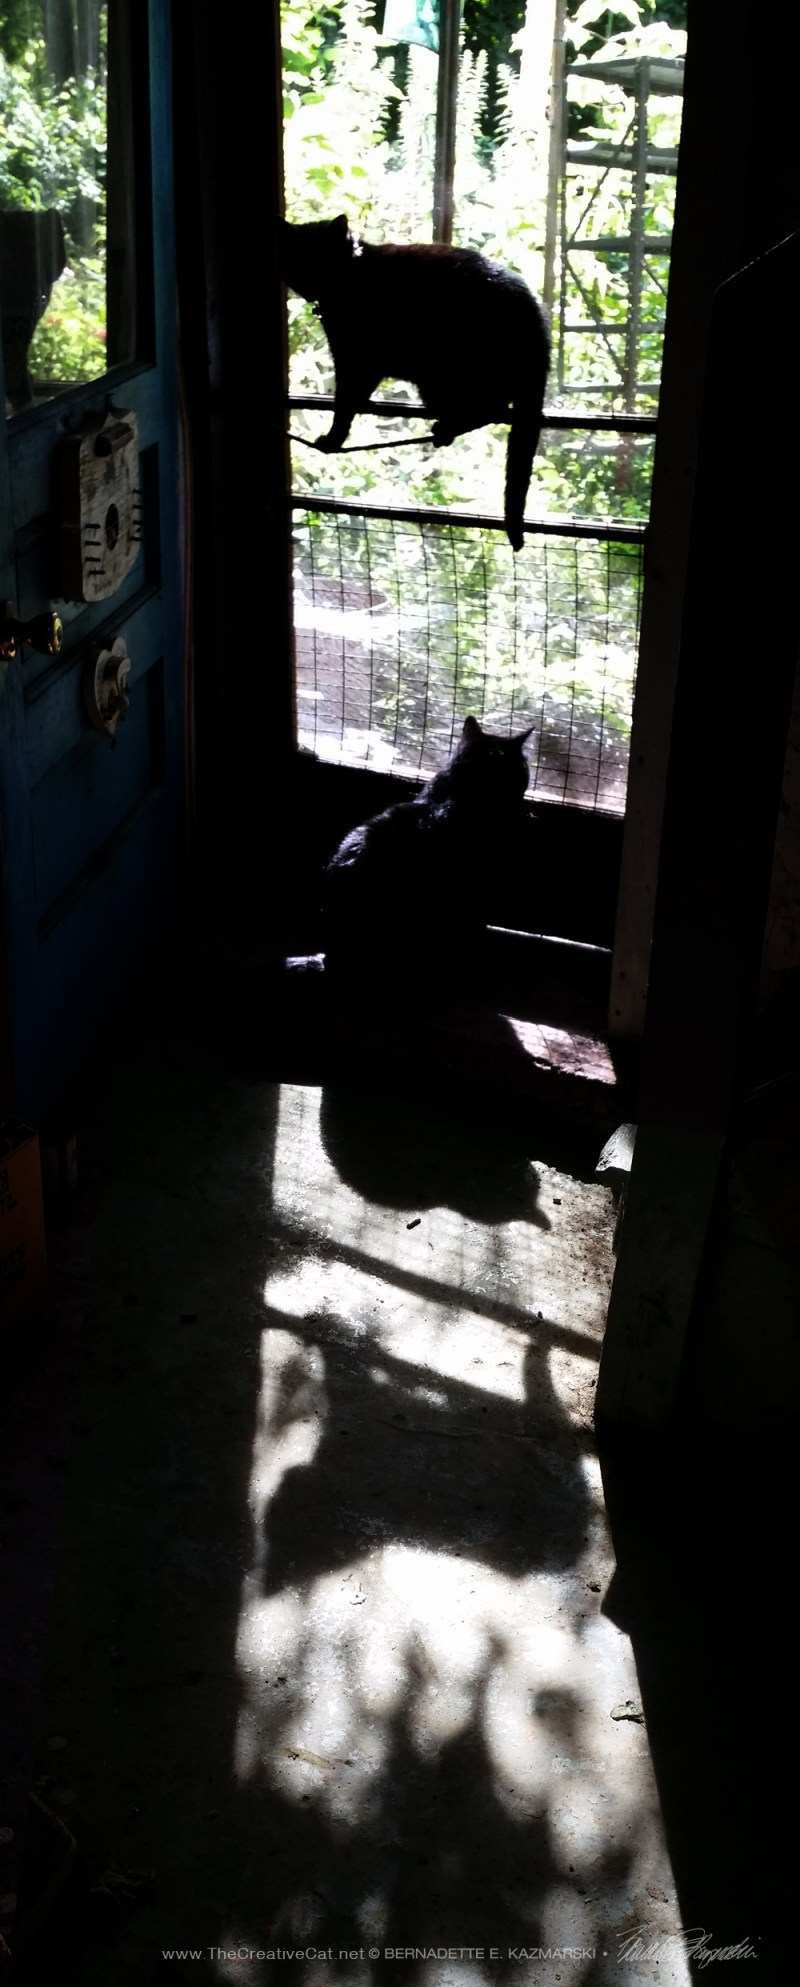 cats and shadows at door